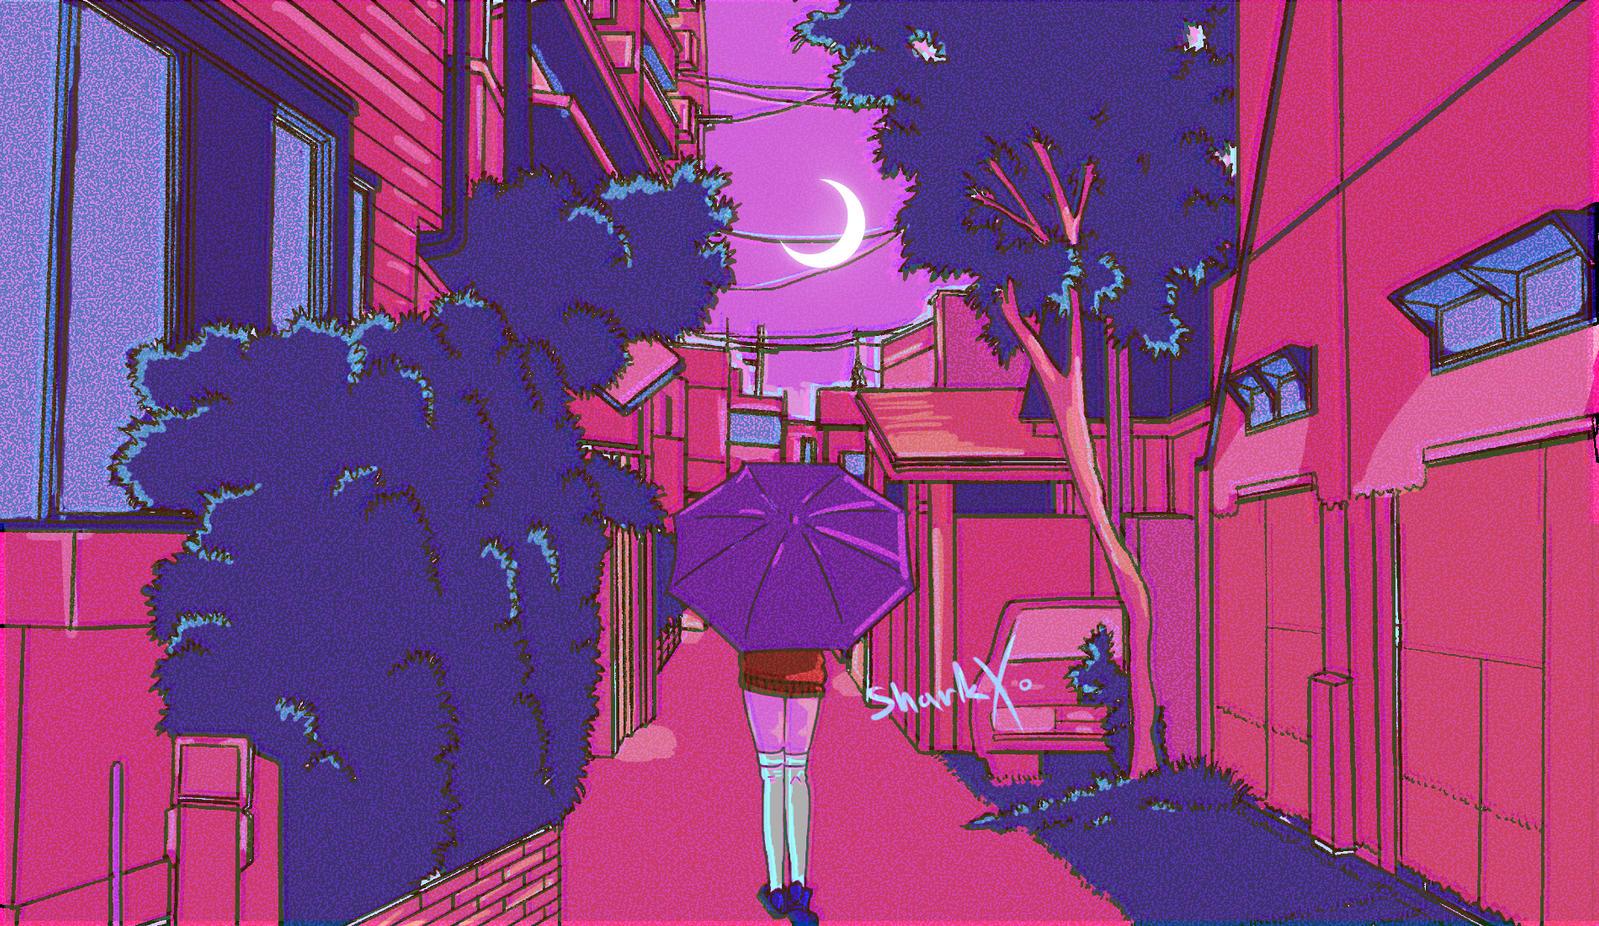 daily_art_23_hmmmmm_____by_ghostgamer37-